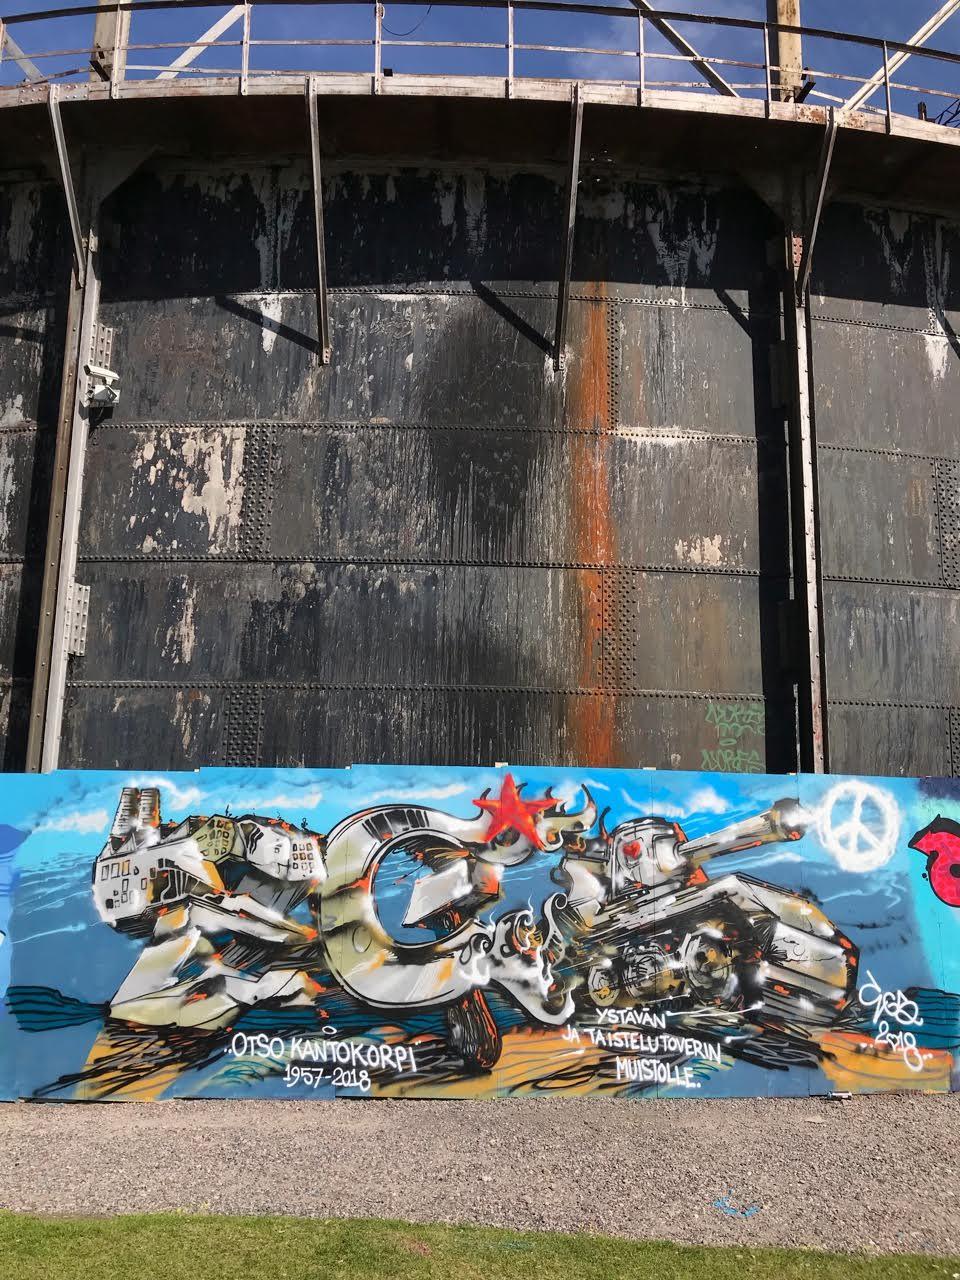 Otso Kantokorpi reissasi moneen kertaan Virossa yhdessä katutaiteilija EGSin kanssa. He maalasivat graffiteja hylättyihin rakennuksiin ja dokumentoivat tekemisensä. EGS maalasi oheisen muistoteoksen Otsolle Helsingin Suvilahteen.